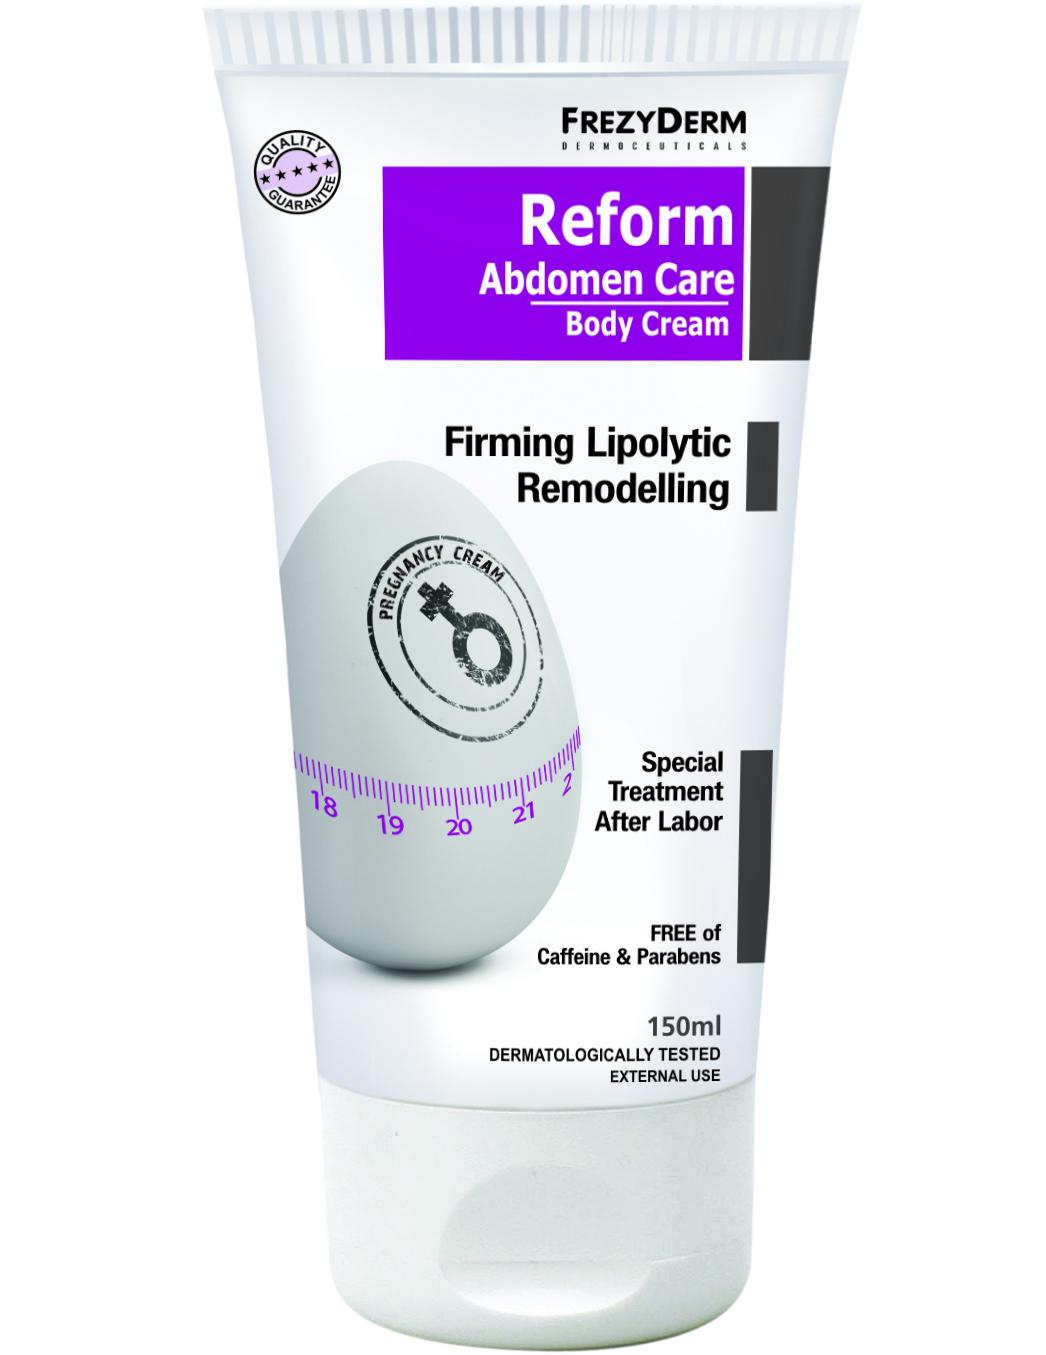 Frezyderm Reform Abdomen Care Body CreamΚρέμα για την Αντιμετώπιση Χαλάρωσης τωνΚοιλιακών Τοιχωμάτων Μετά τον Τοκετό 150ml